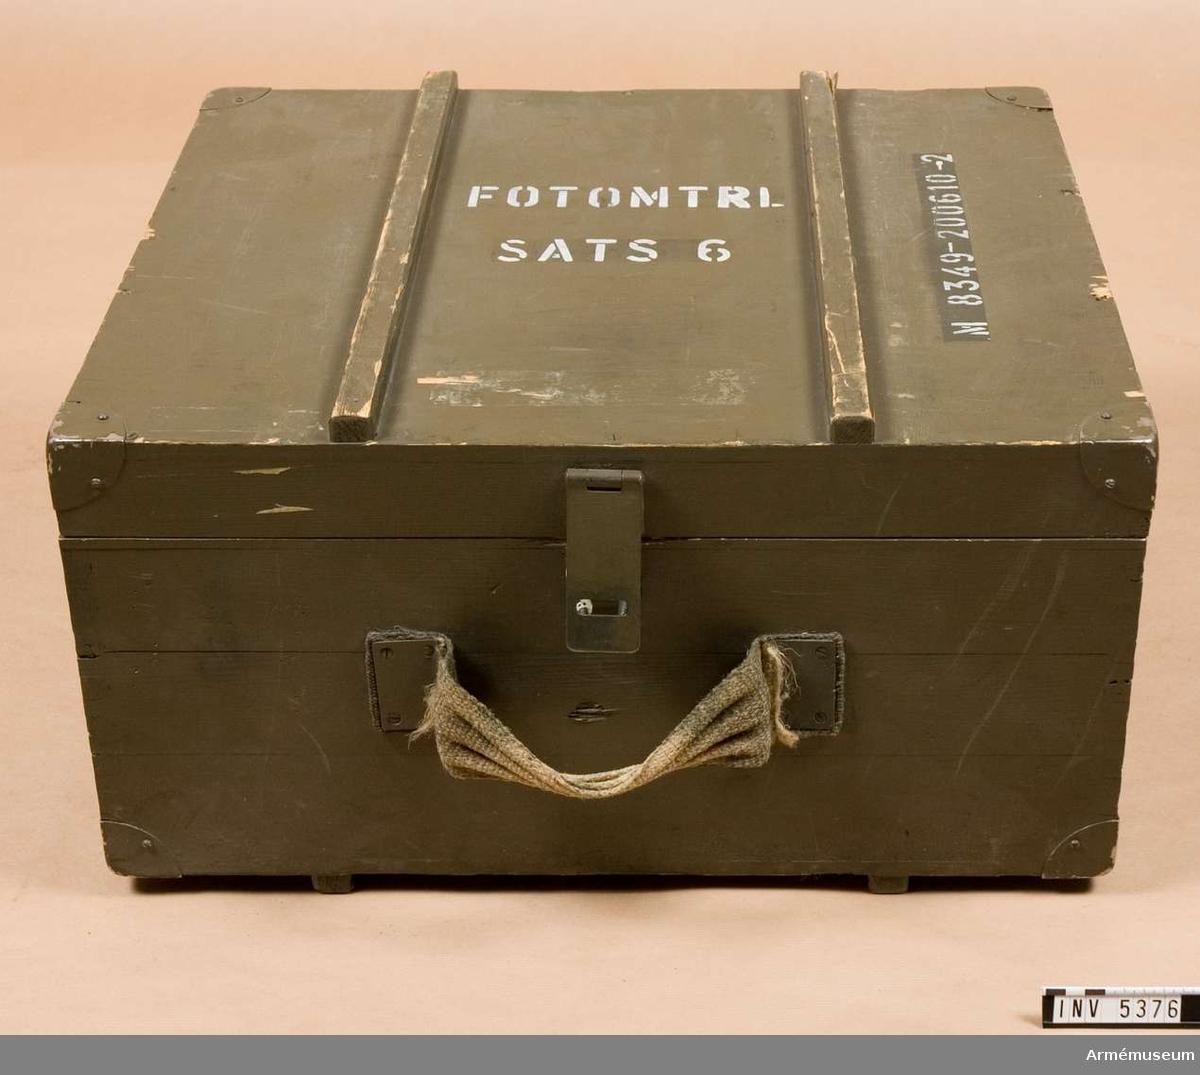 Låda M 8349-200610-2 f fotografisk utrustning.Låda i trä med med bärhandtag i säckväv och anordning för förslutning av metall, låsbar med hänglås. Två gångjärn. Två slitlister på bredsidorna. Färg armégrön med vit text. Insidan är trägul, klarlackad. Märkt SATS 6  FOTOMTRL . Gott skick.Samtliga föremål 1975:5300-75 var förpackade i denna låda.        1992-02-27 packad i låda / Erik Walberg.